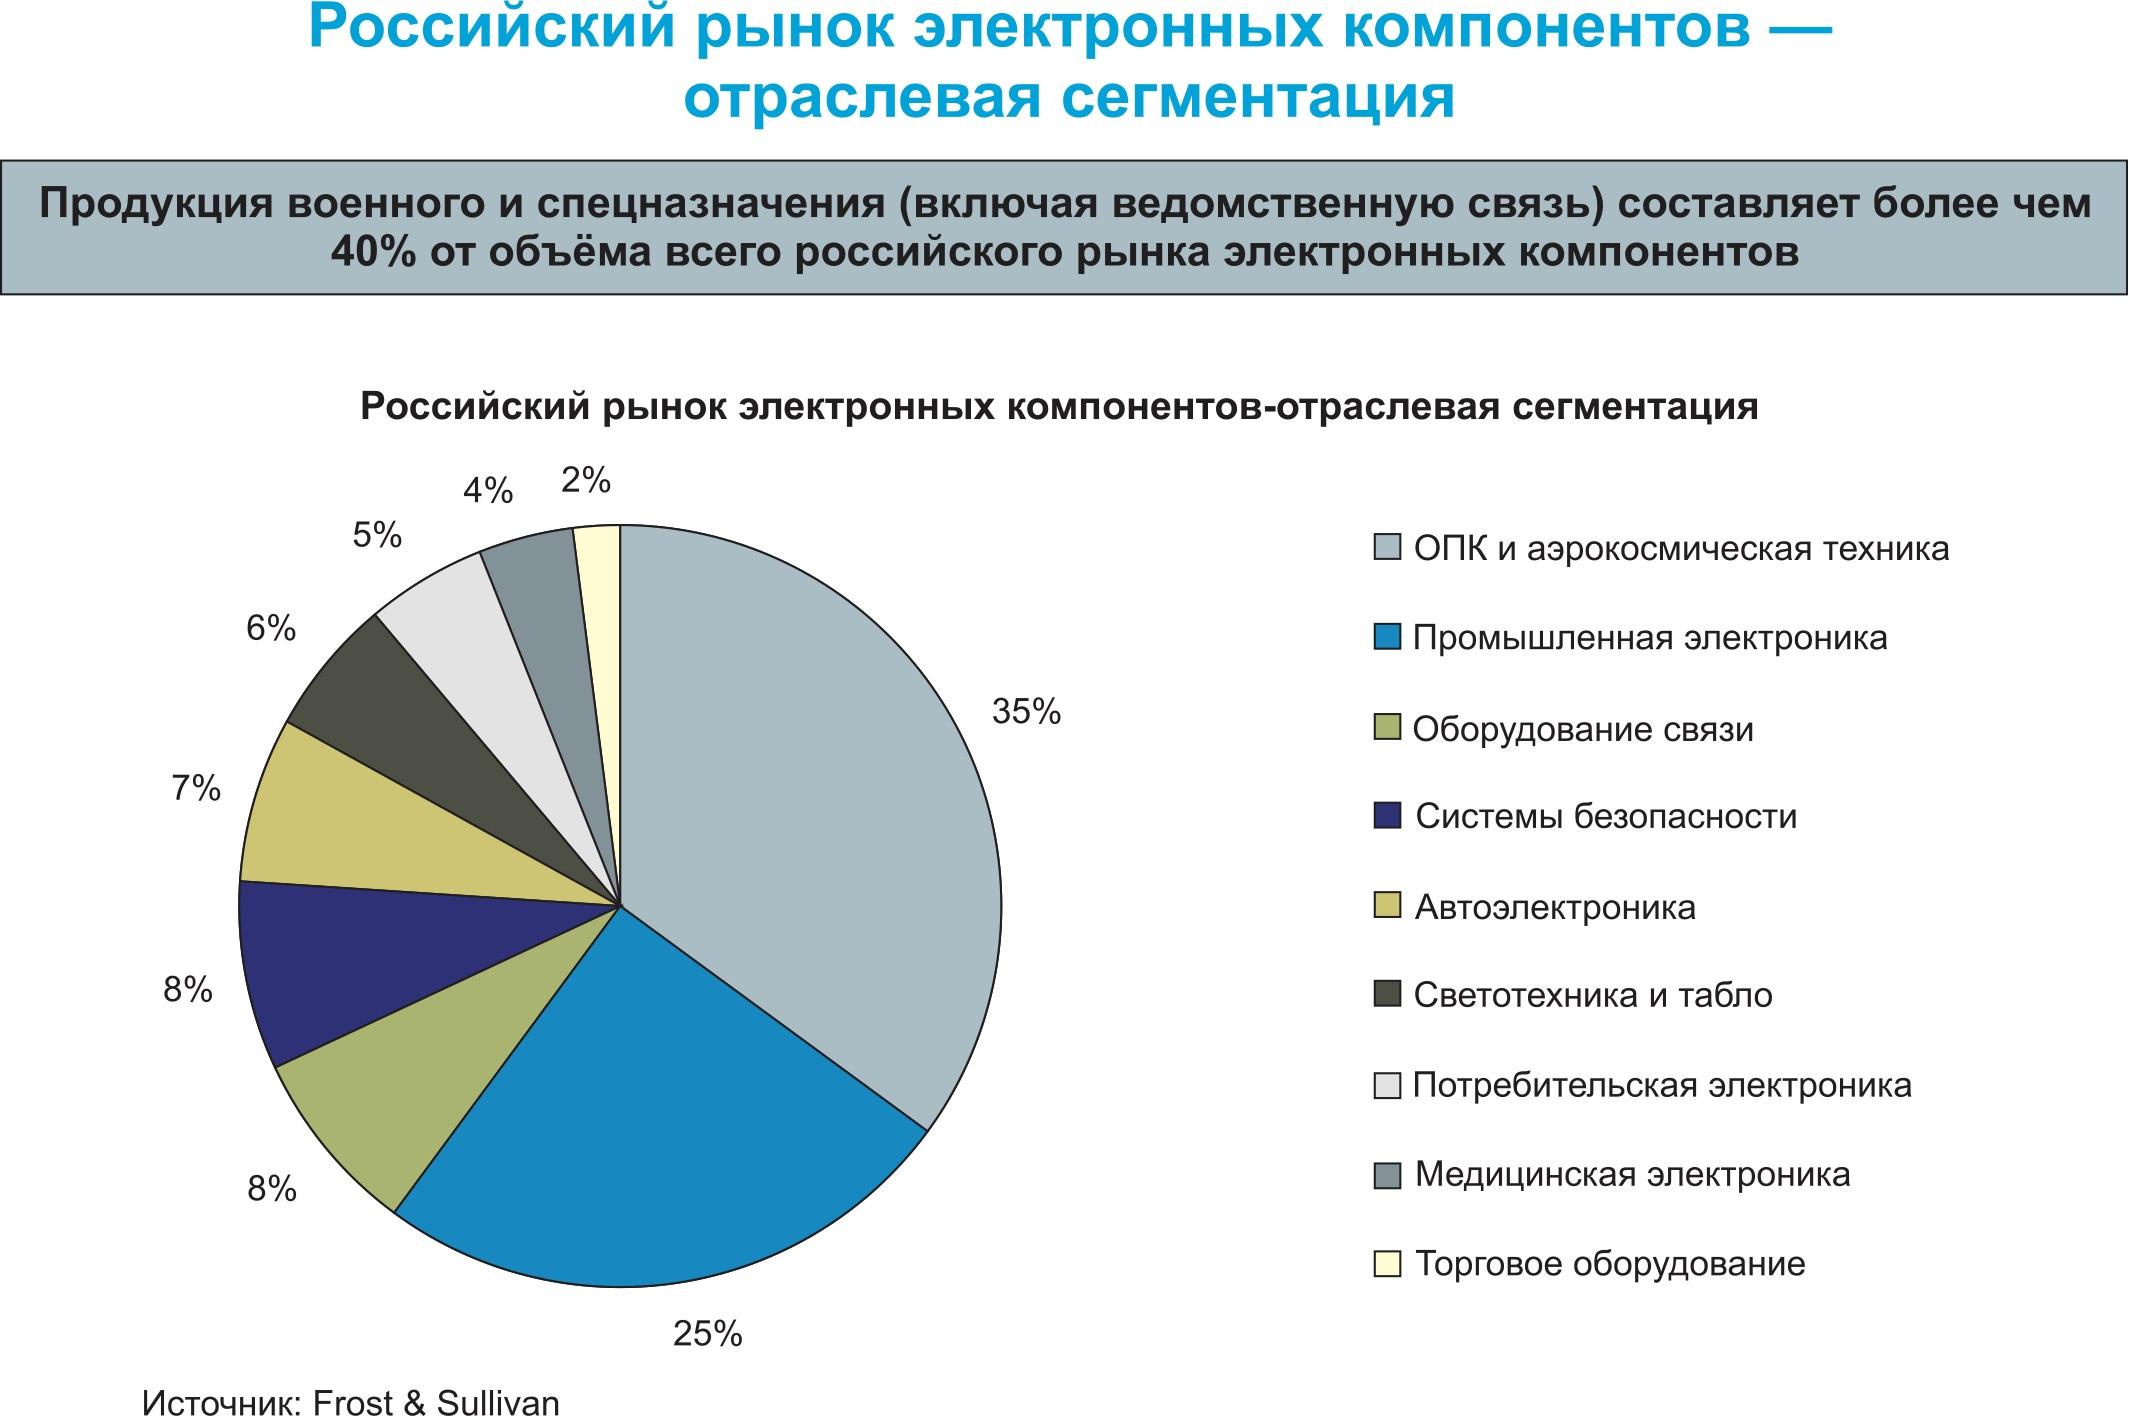 Российский рынок электронных компонентов по сегментам